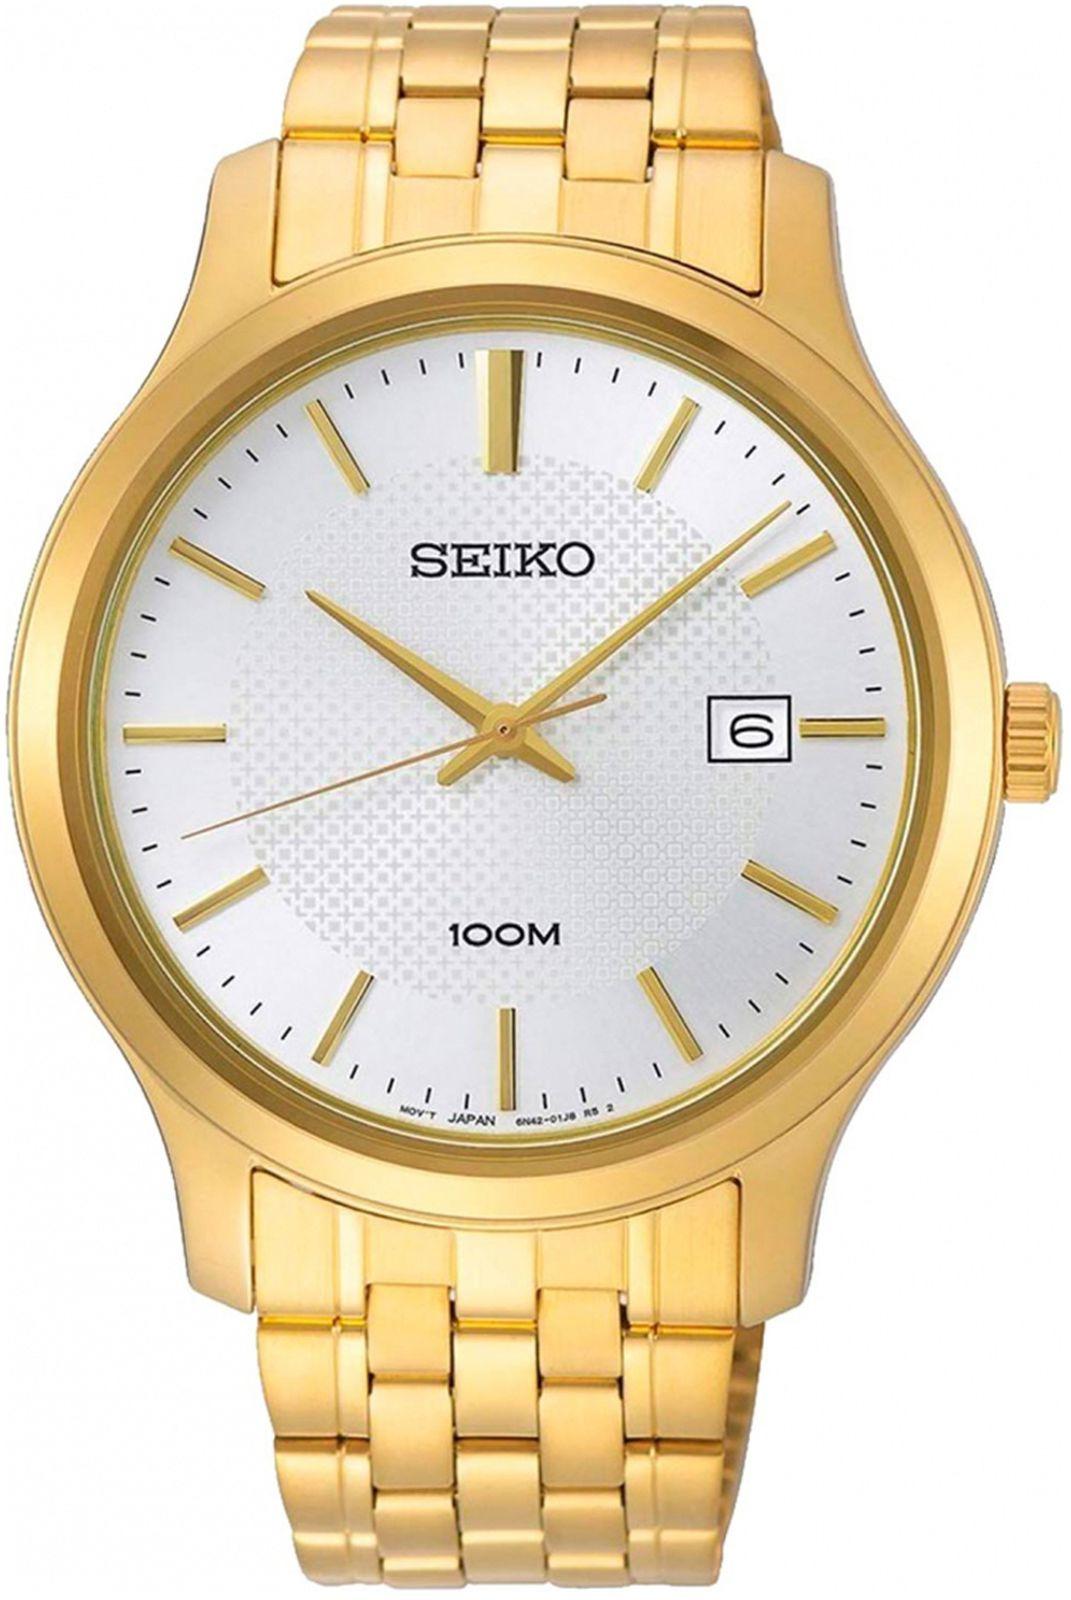 цена на Наручные часы Seiko мужские, золотистый